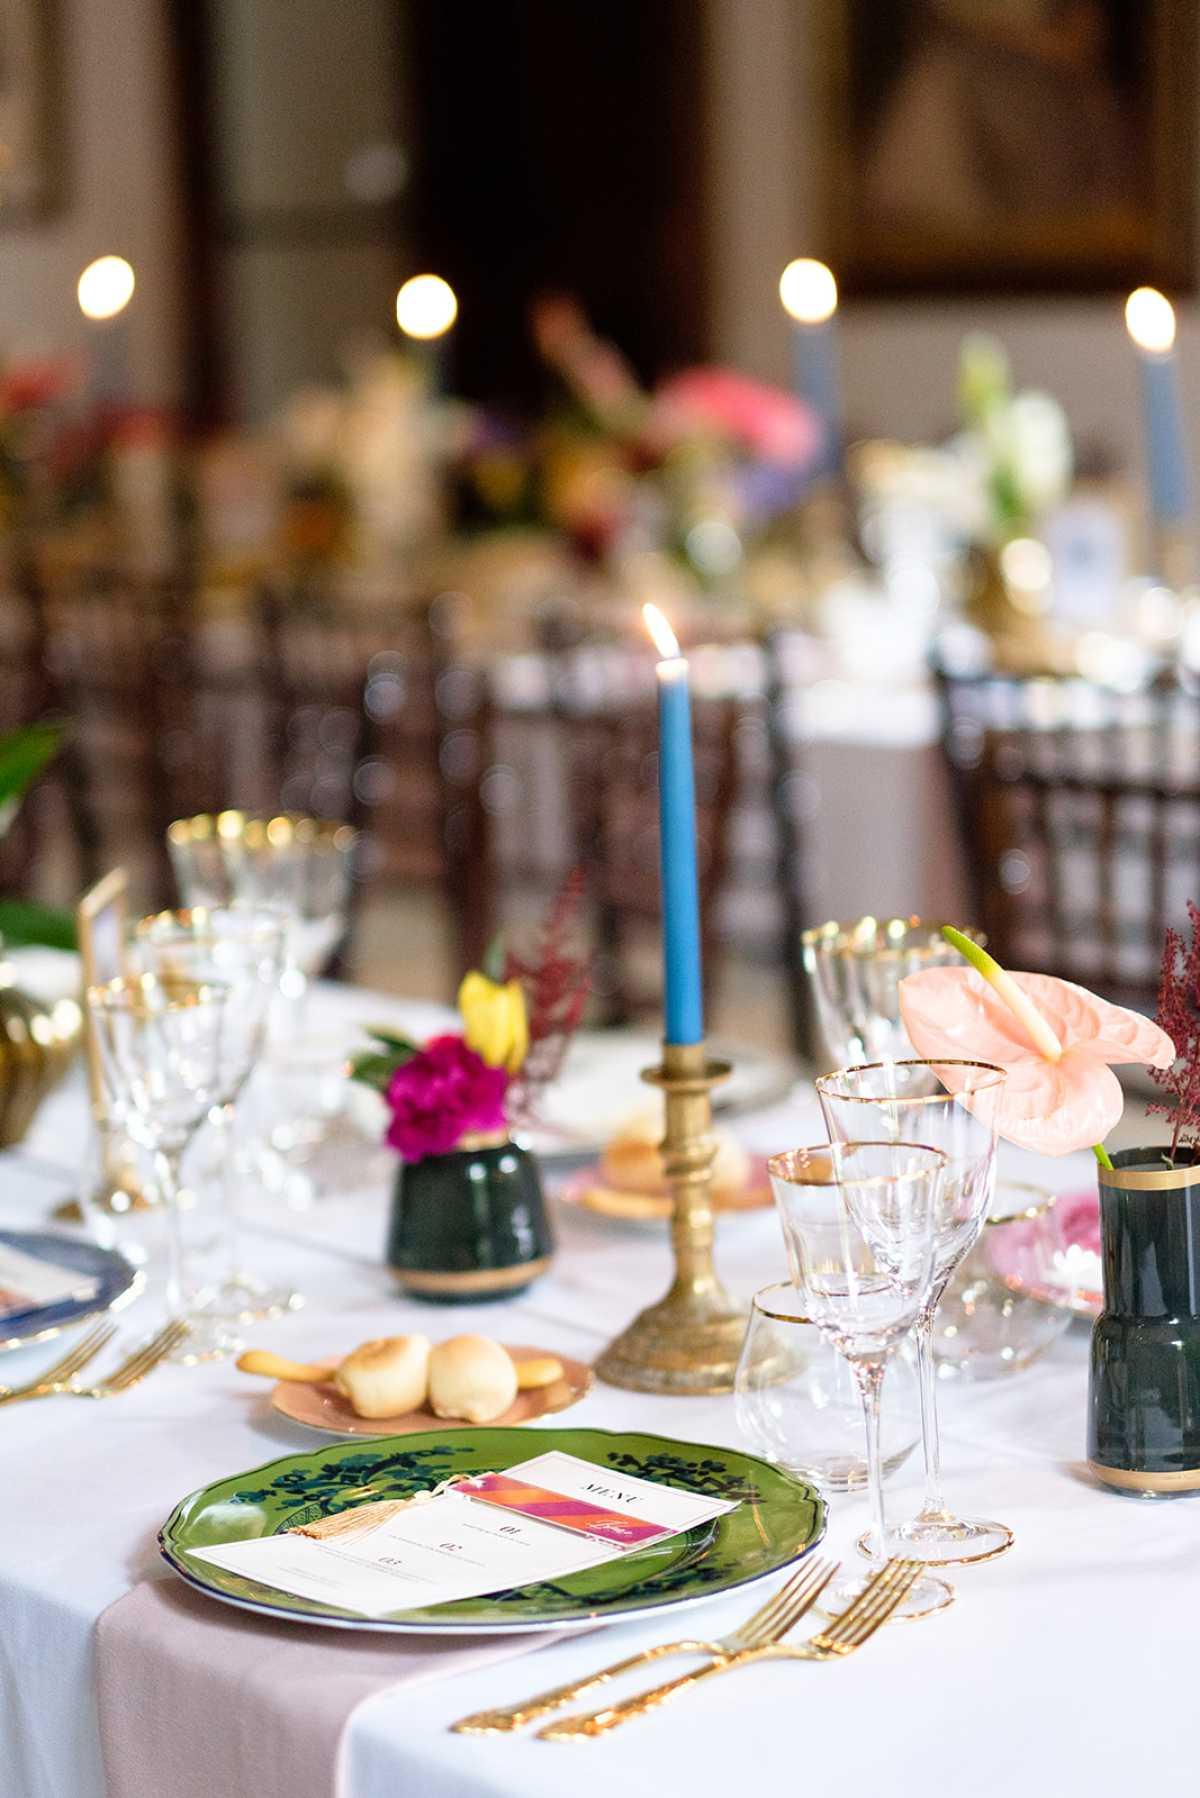 Dettagli allestimento del tavolo per matrimonio a Palazzo Vecchia a Poncarale